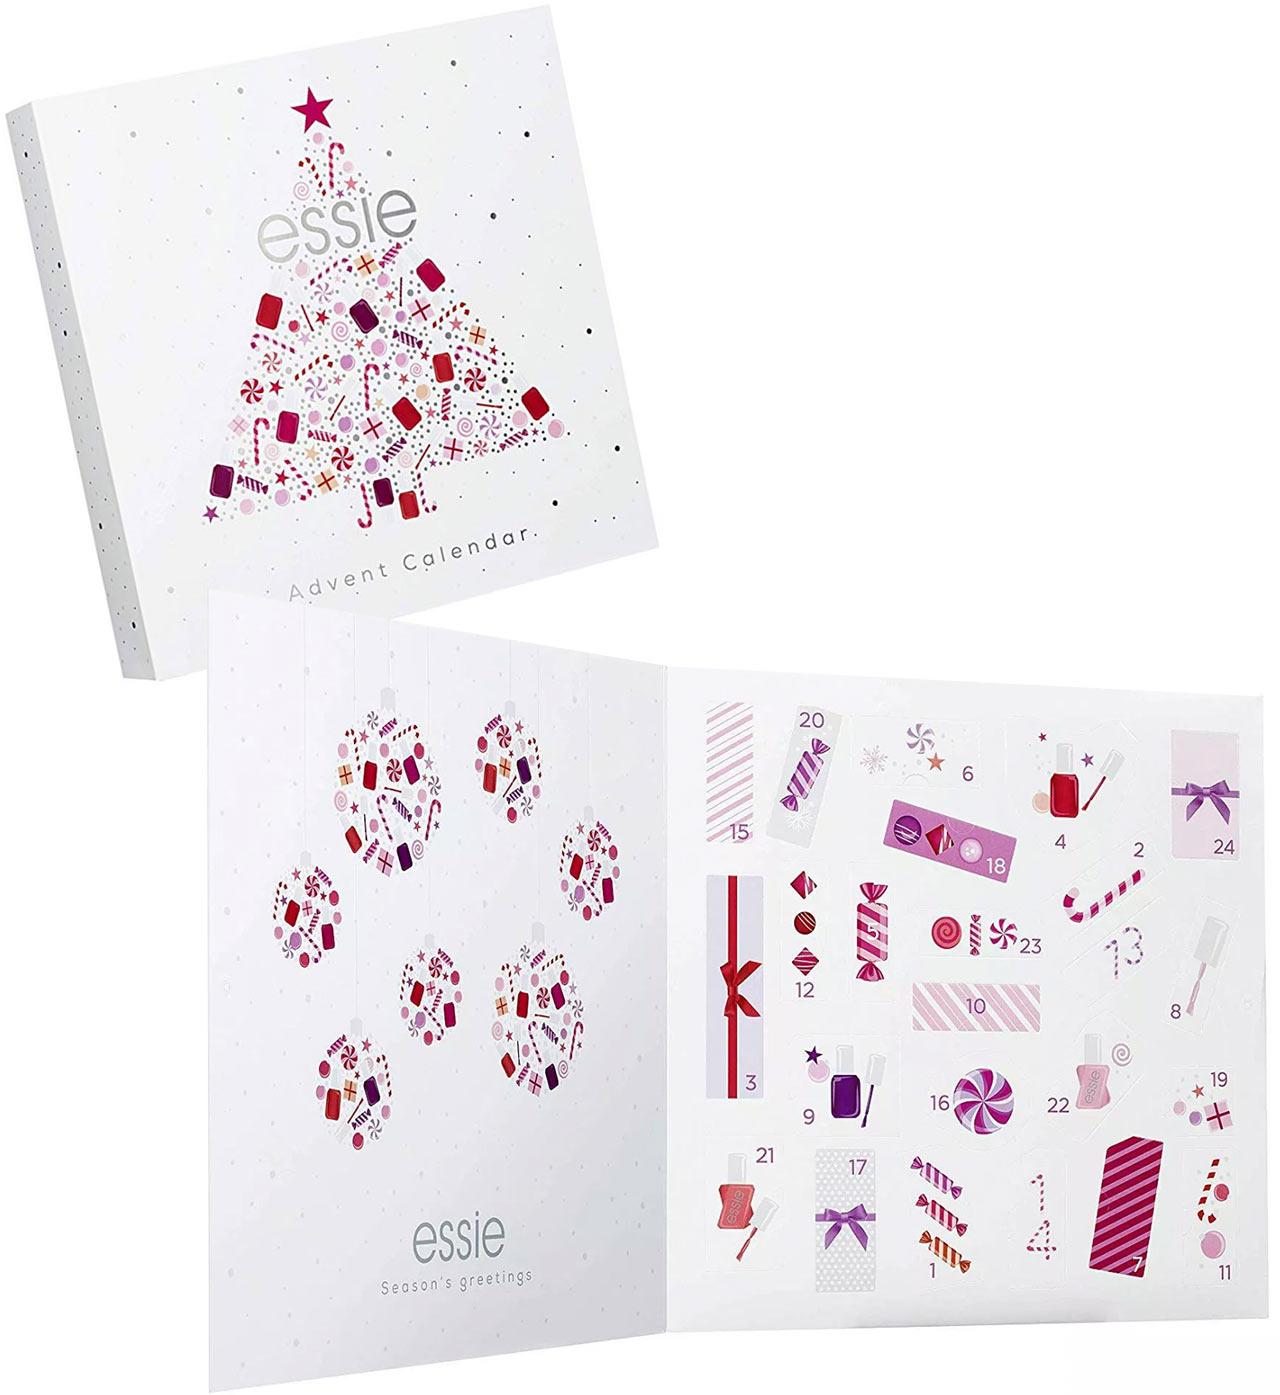 Calendrier de l'avent pour adulte Essie 2018, un calendrier plein de cadeaux beauté